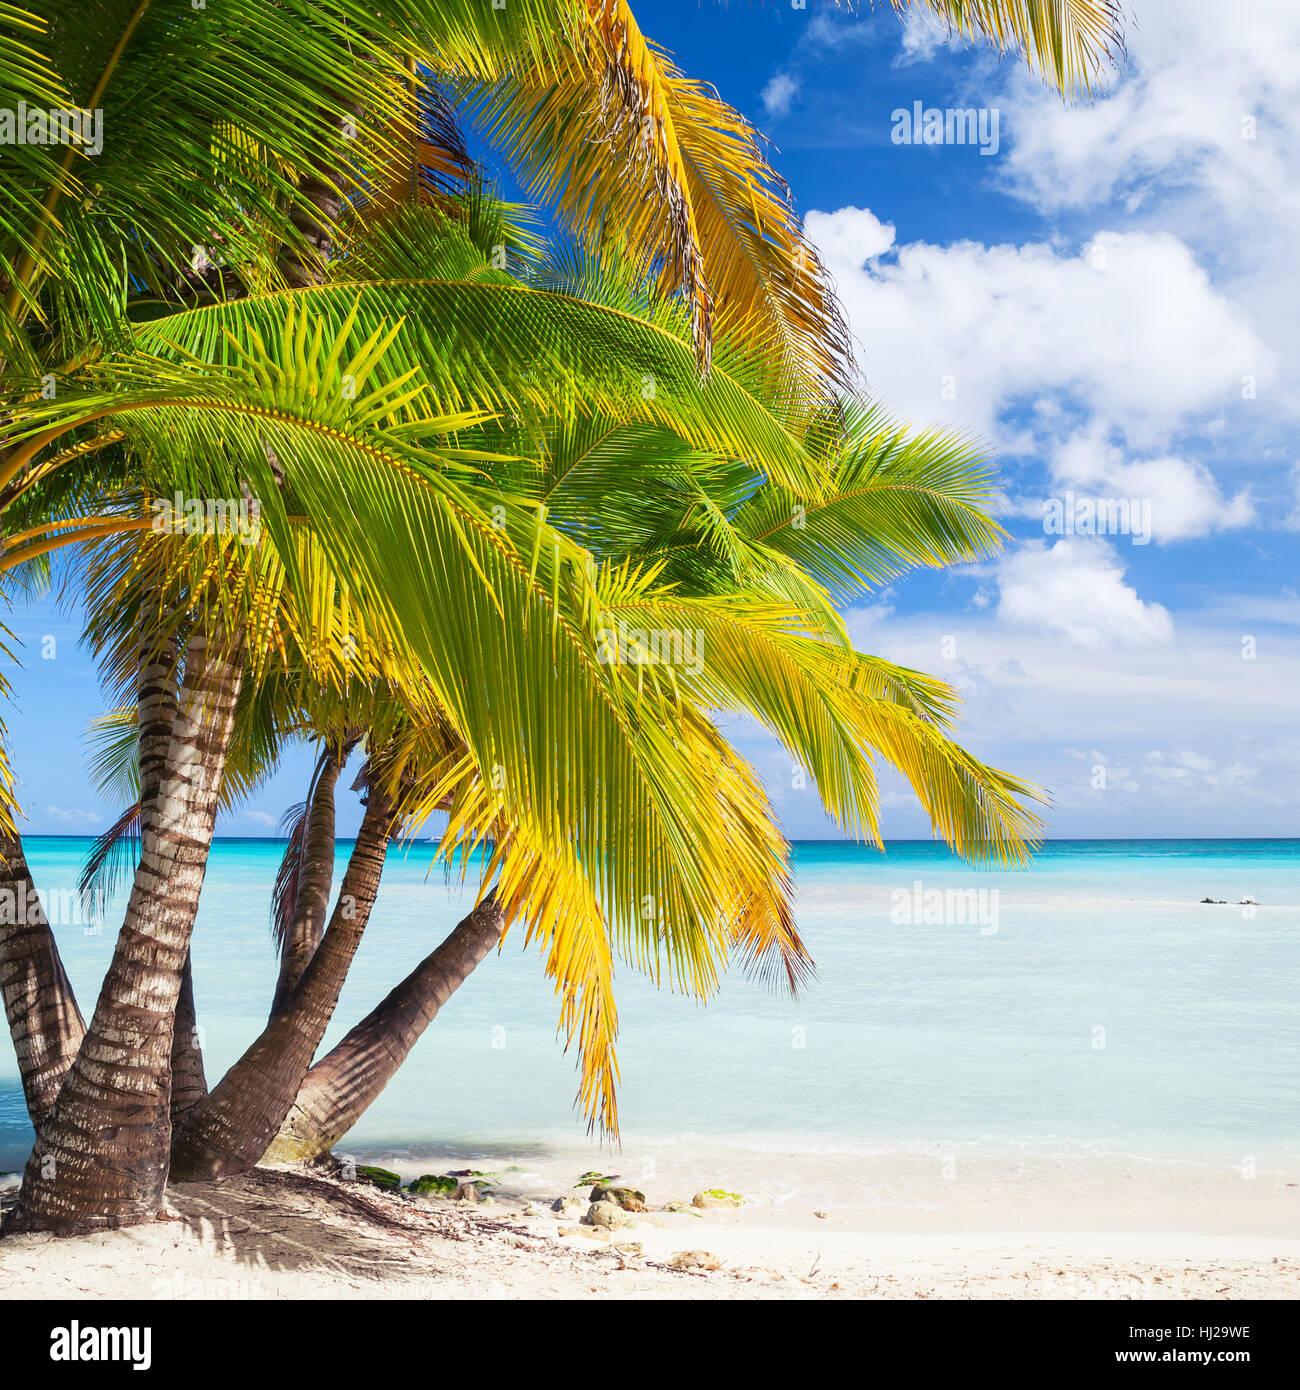 Kokos-Palmen wachsen am weißen Sandstrand. Karibik-Küste, Dominikanische Republik, Isla Saona. Natürliche Stockbild